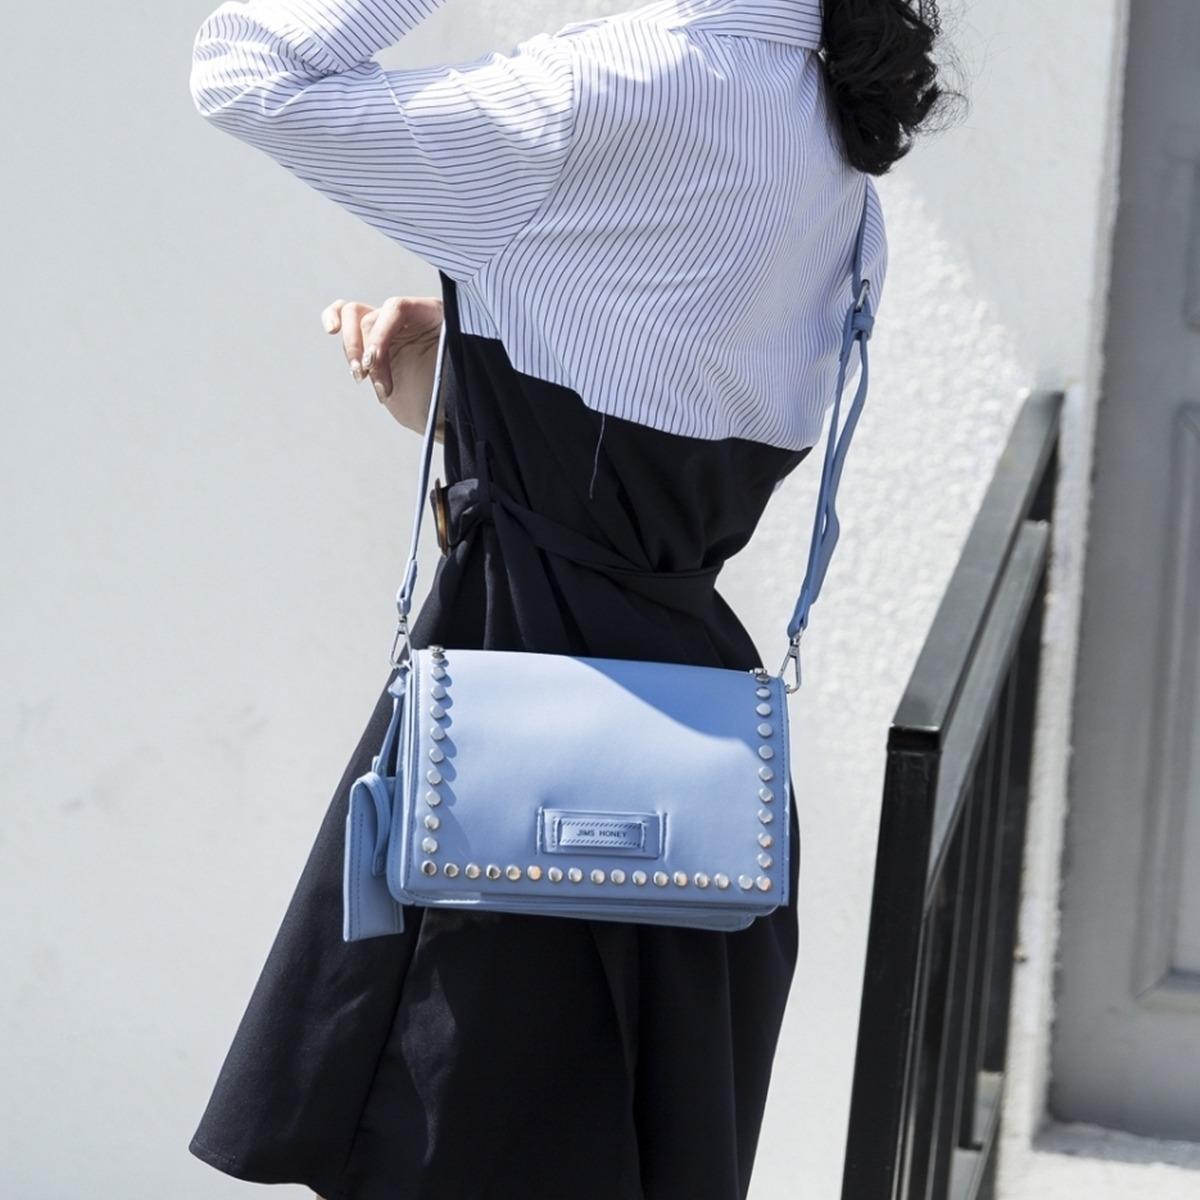 Kelebihan Jims Honey Tas Selempang Wanita Import Sasha Bag Skyblue Stella Wallet Detail Gambar Terbaru